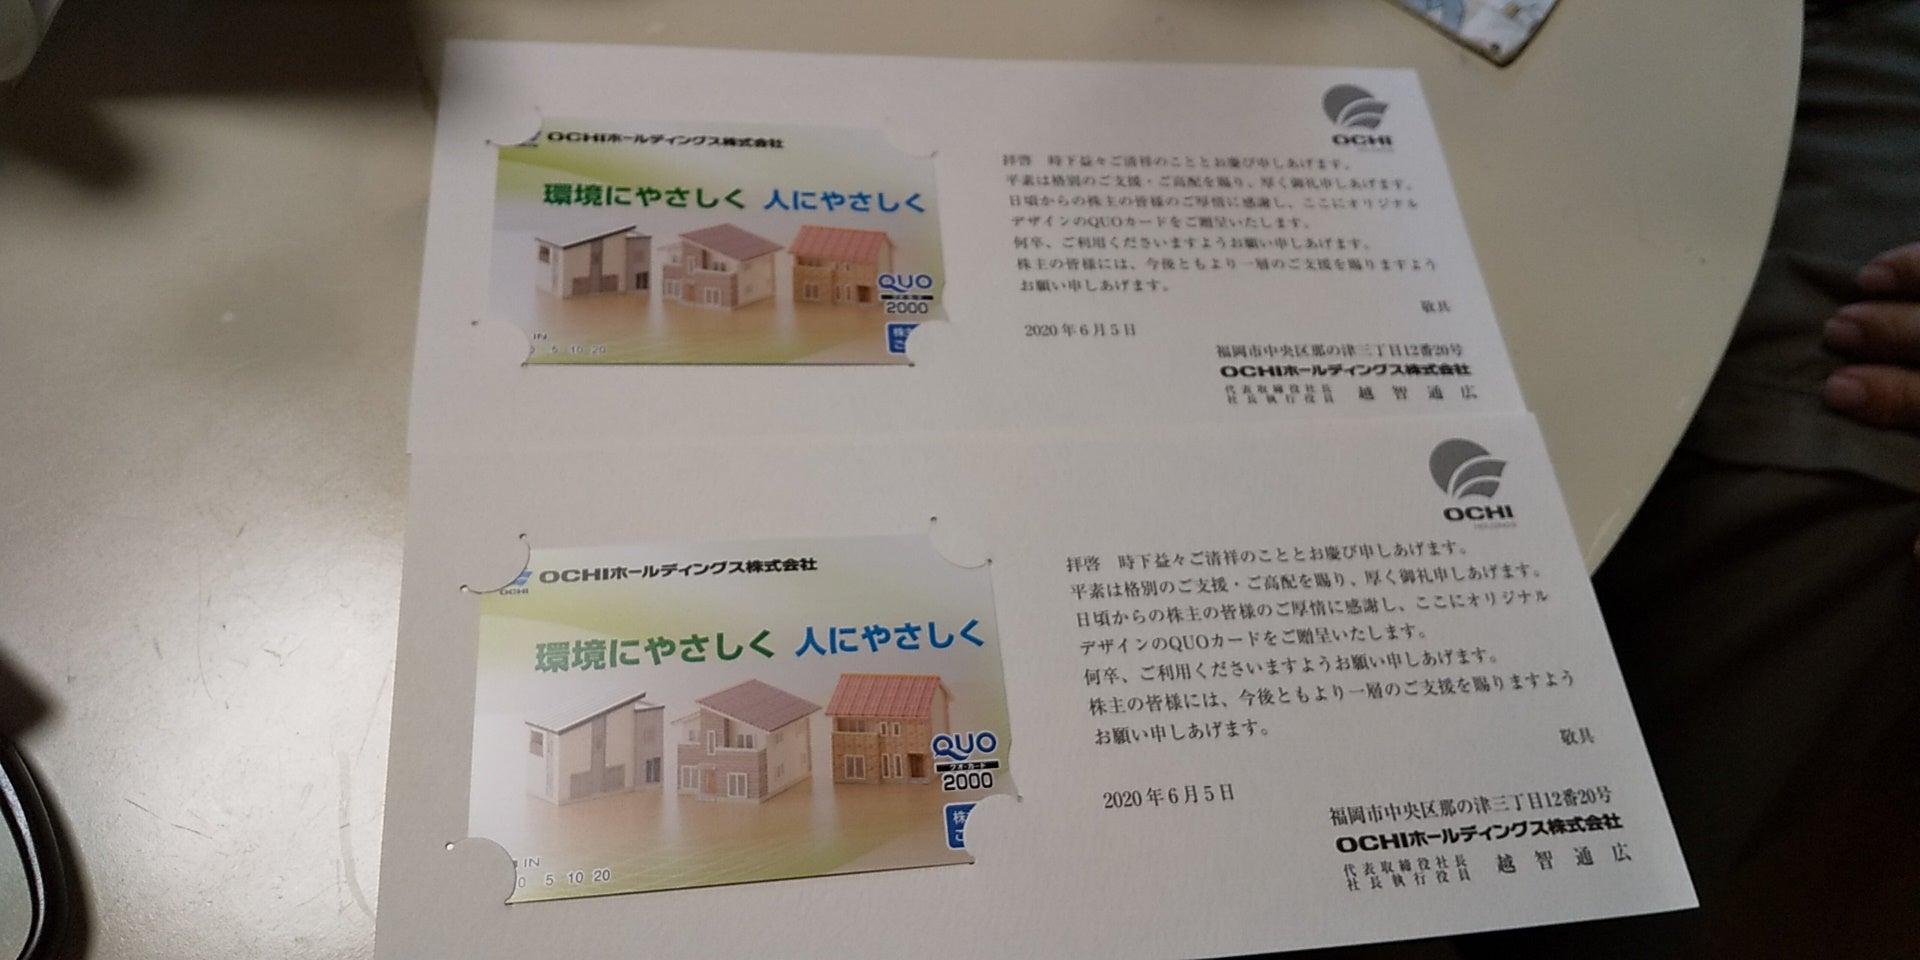 3166 OCHIホールディングスからクオカードが届きました | 地味に貯める